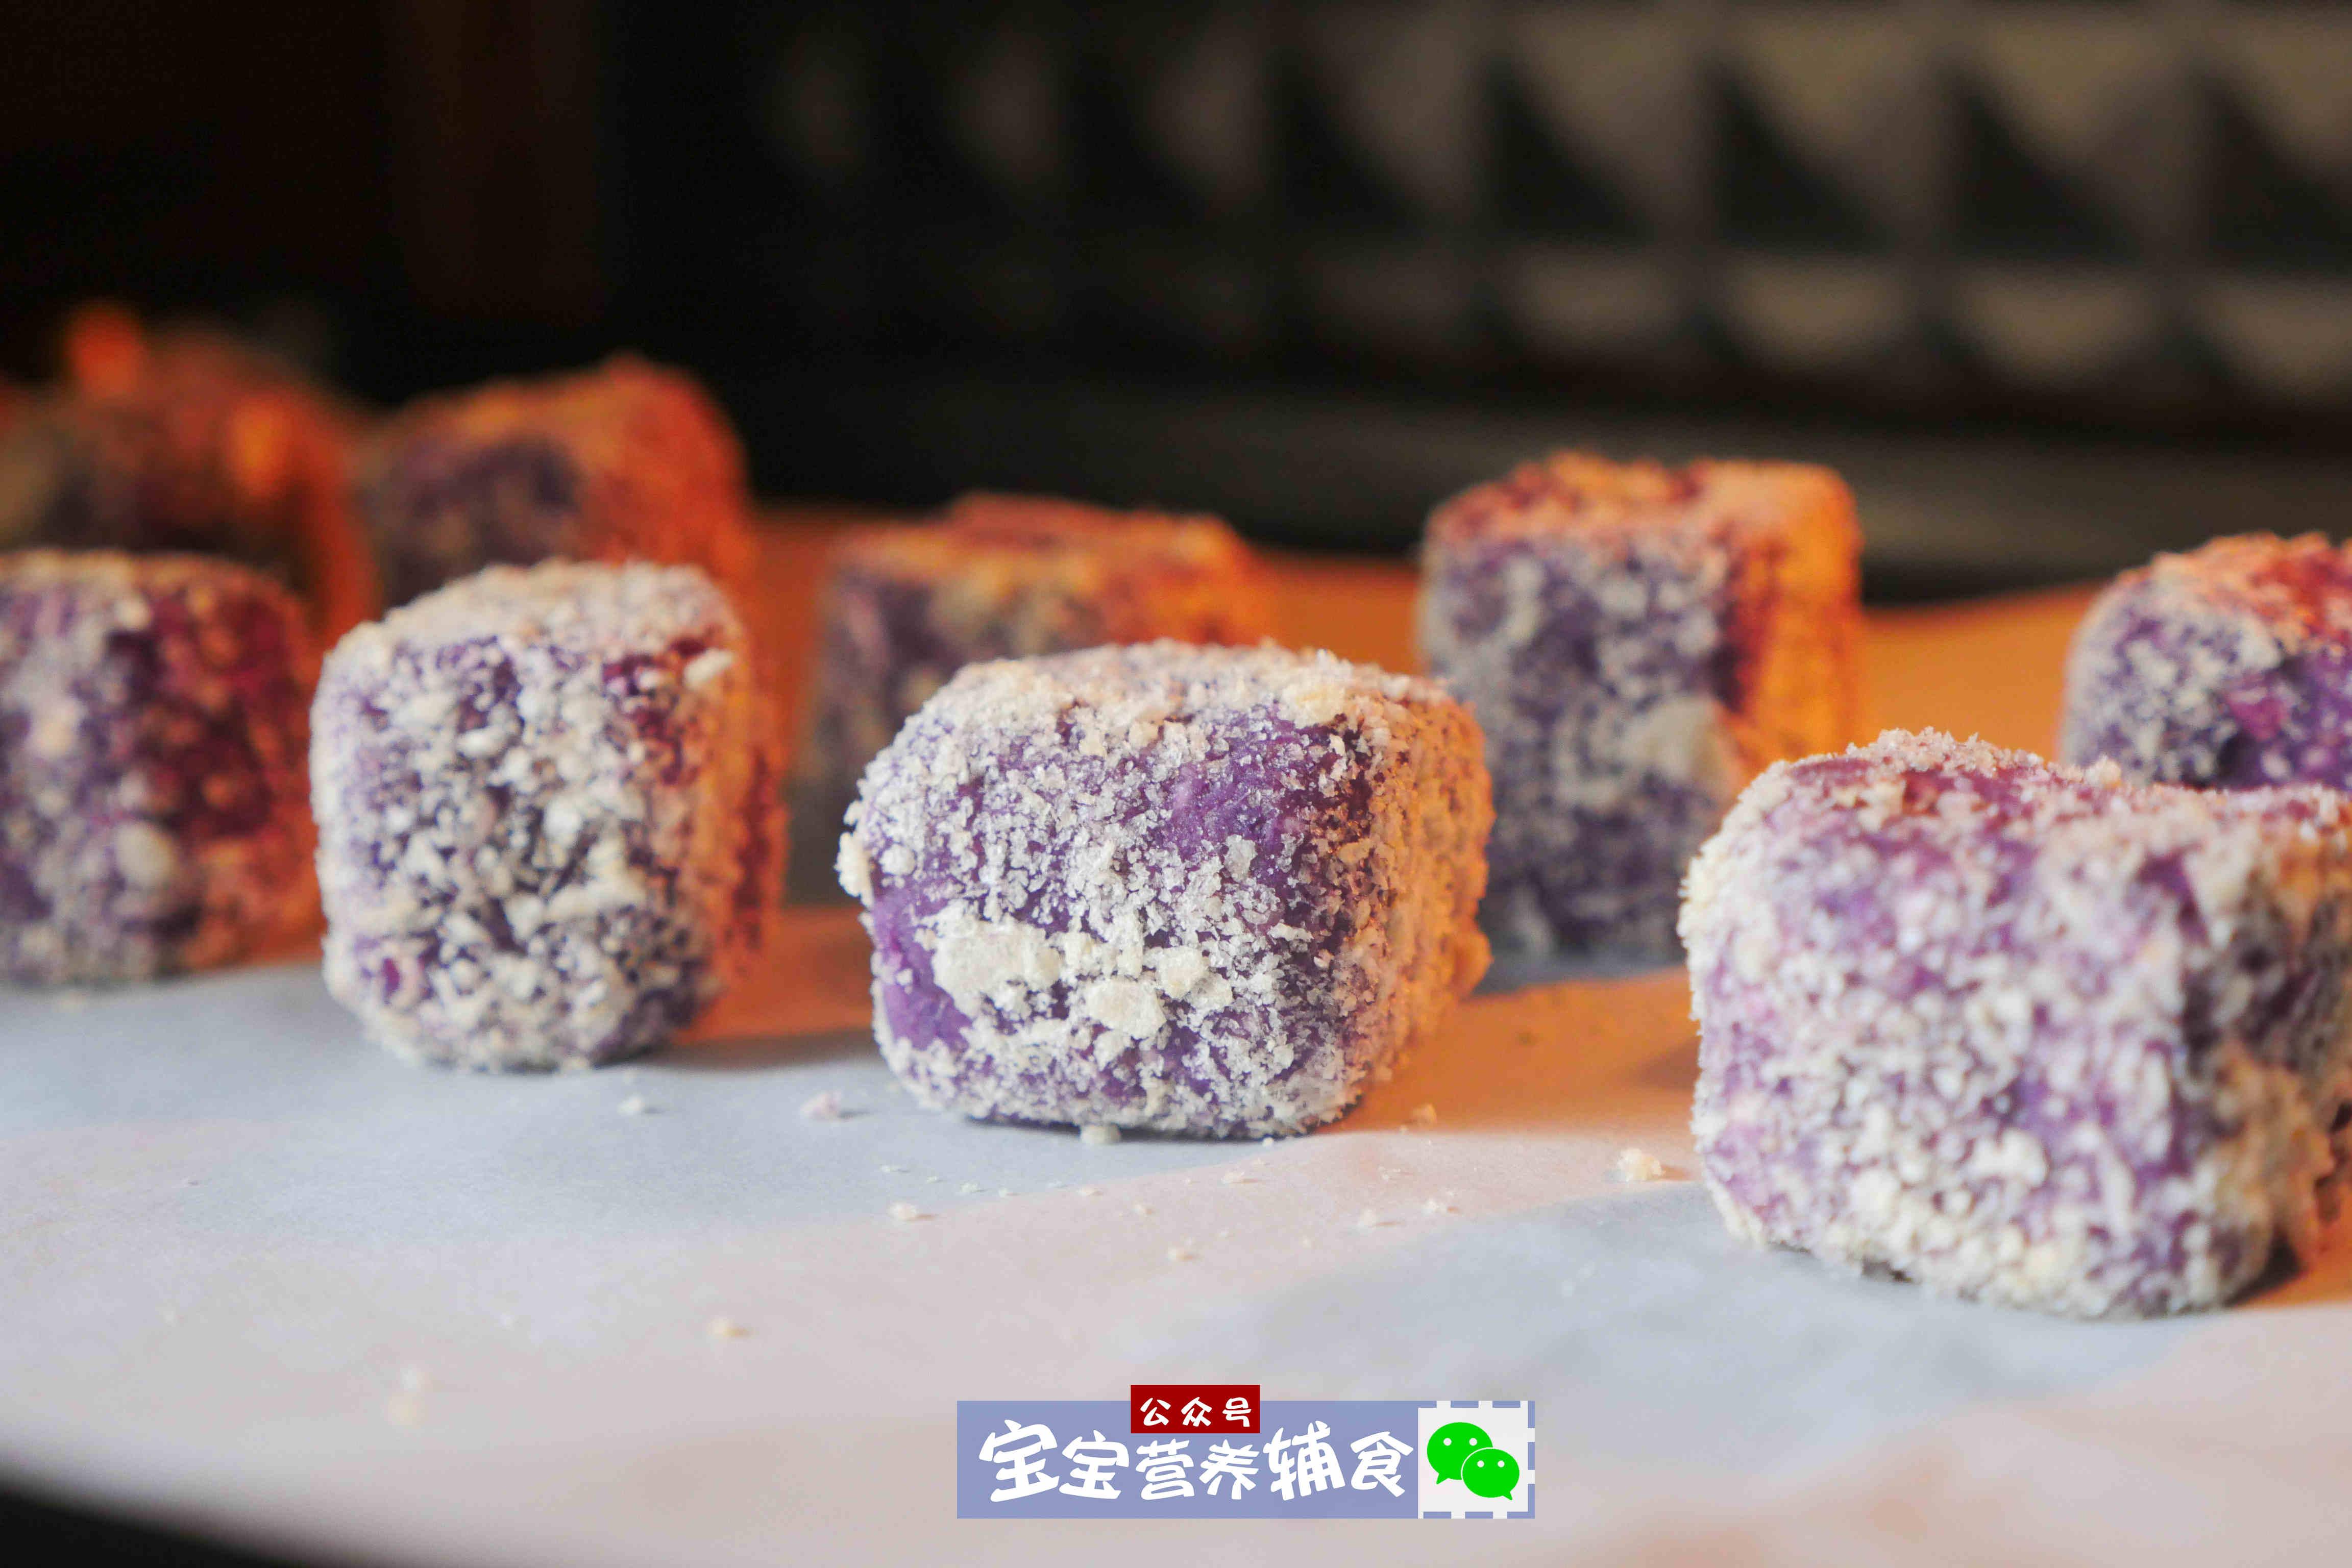 美食-免费yoqq紫薯爆浆燕麦方~宝宝辅食yoqq资源(18)